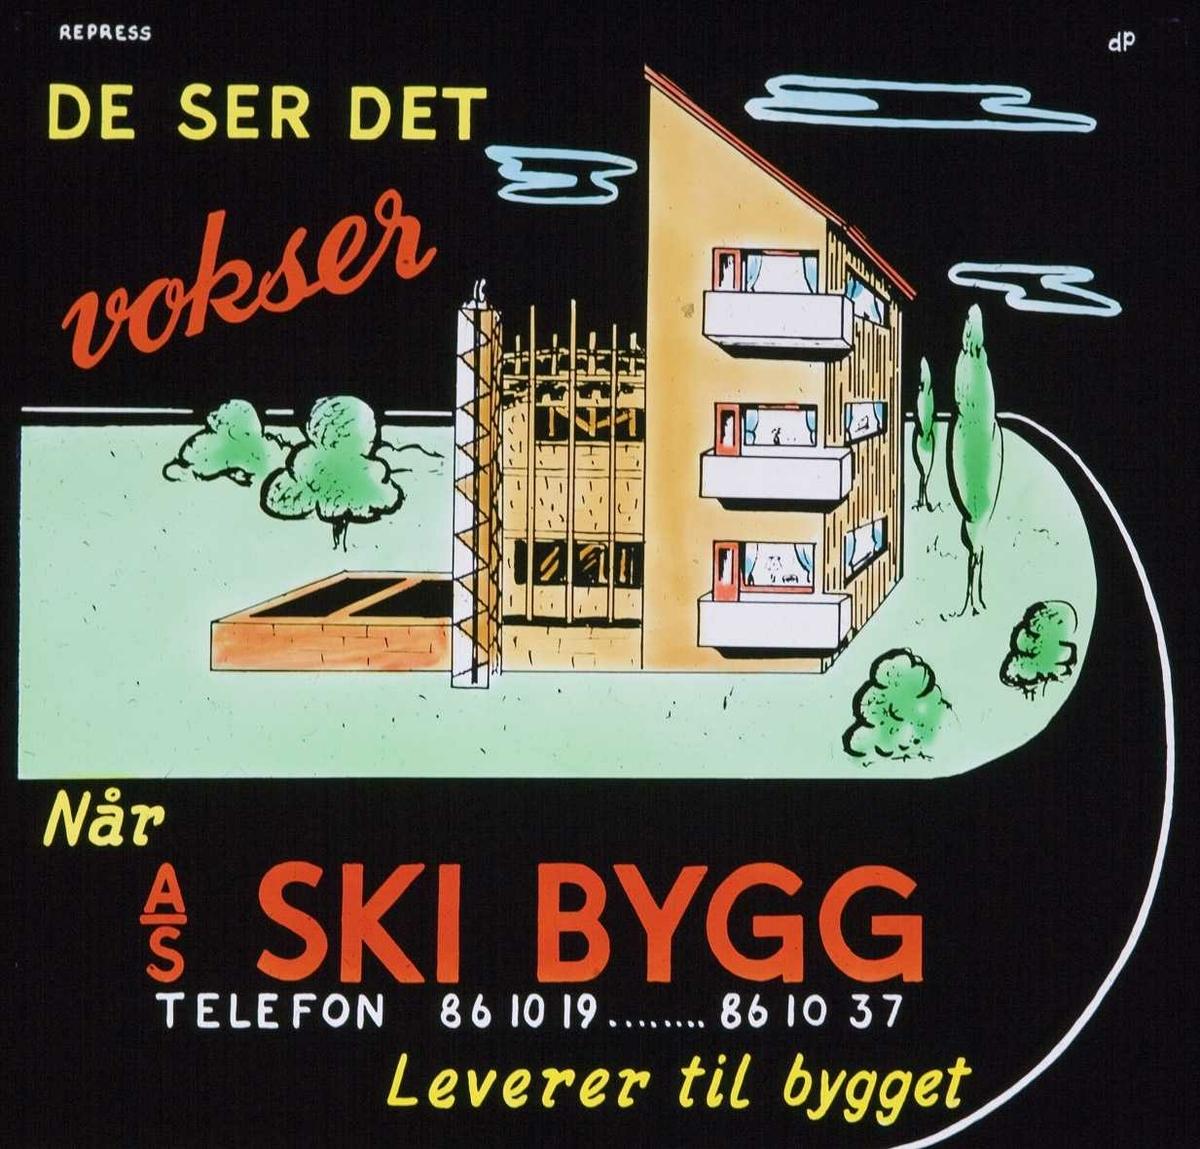 Kinoreklame fra Ski for A/S Ski bygg. De ser det vokser når A/S Ski bygg lverer til bygget.